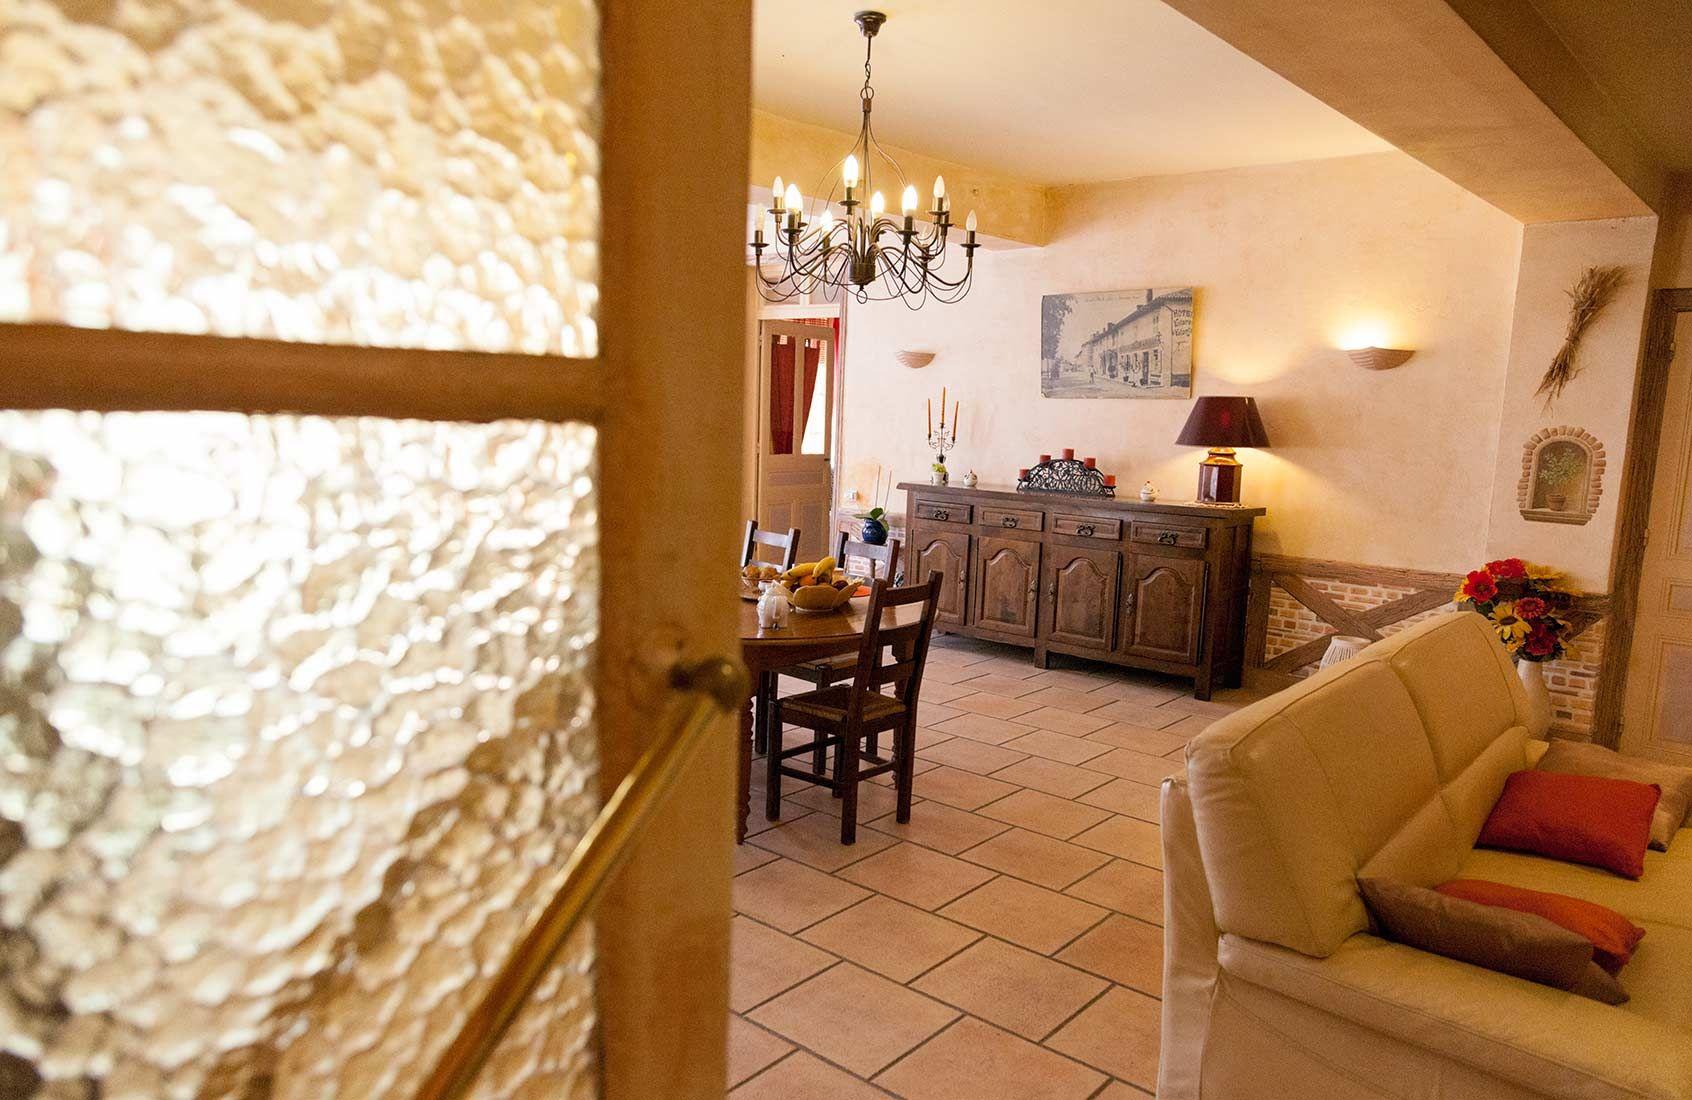 Chambres D Hotes Table D Hotes Labelisees Gites De France A Marlieux Ain 01 Au Coeur De La Dombe Tout Pres Du Celebre Par Gite De France Gite Table D Hote